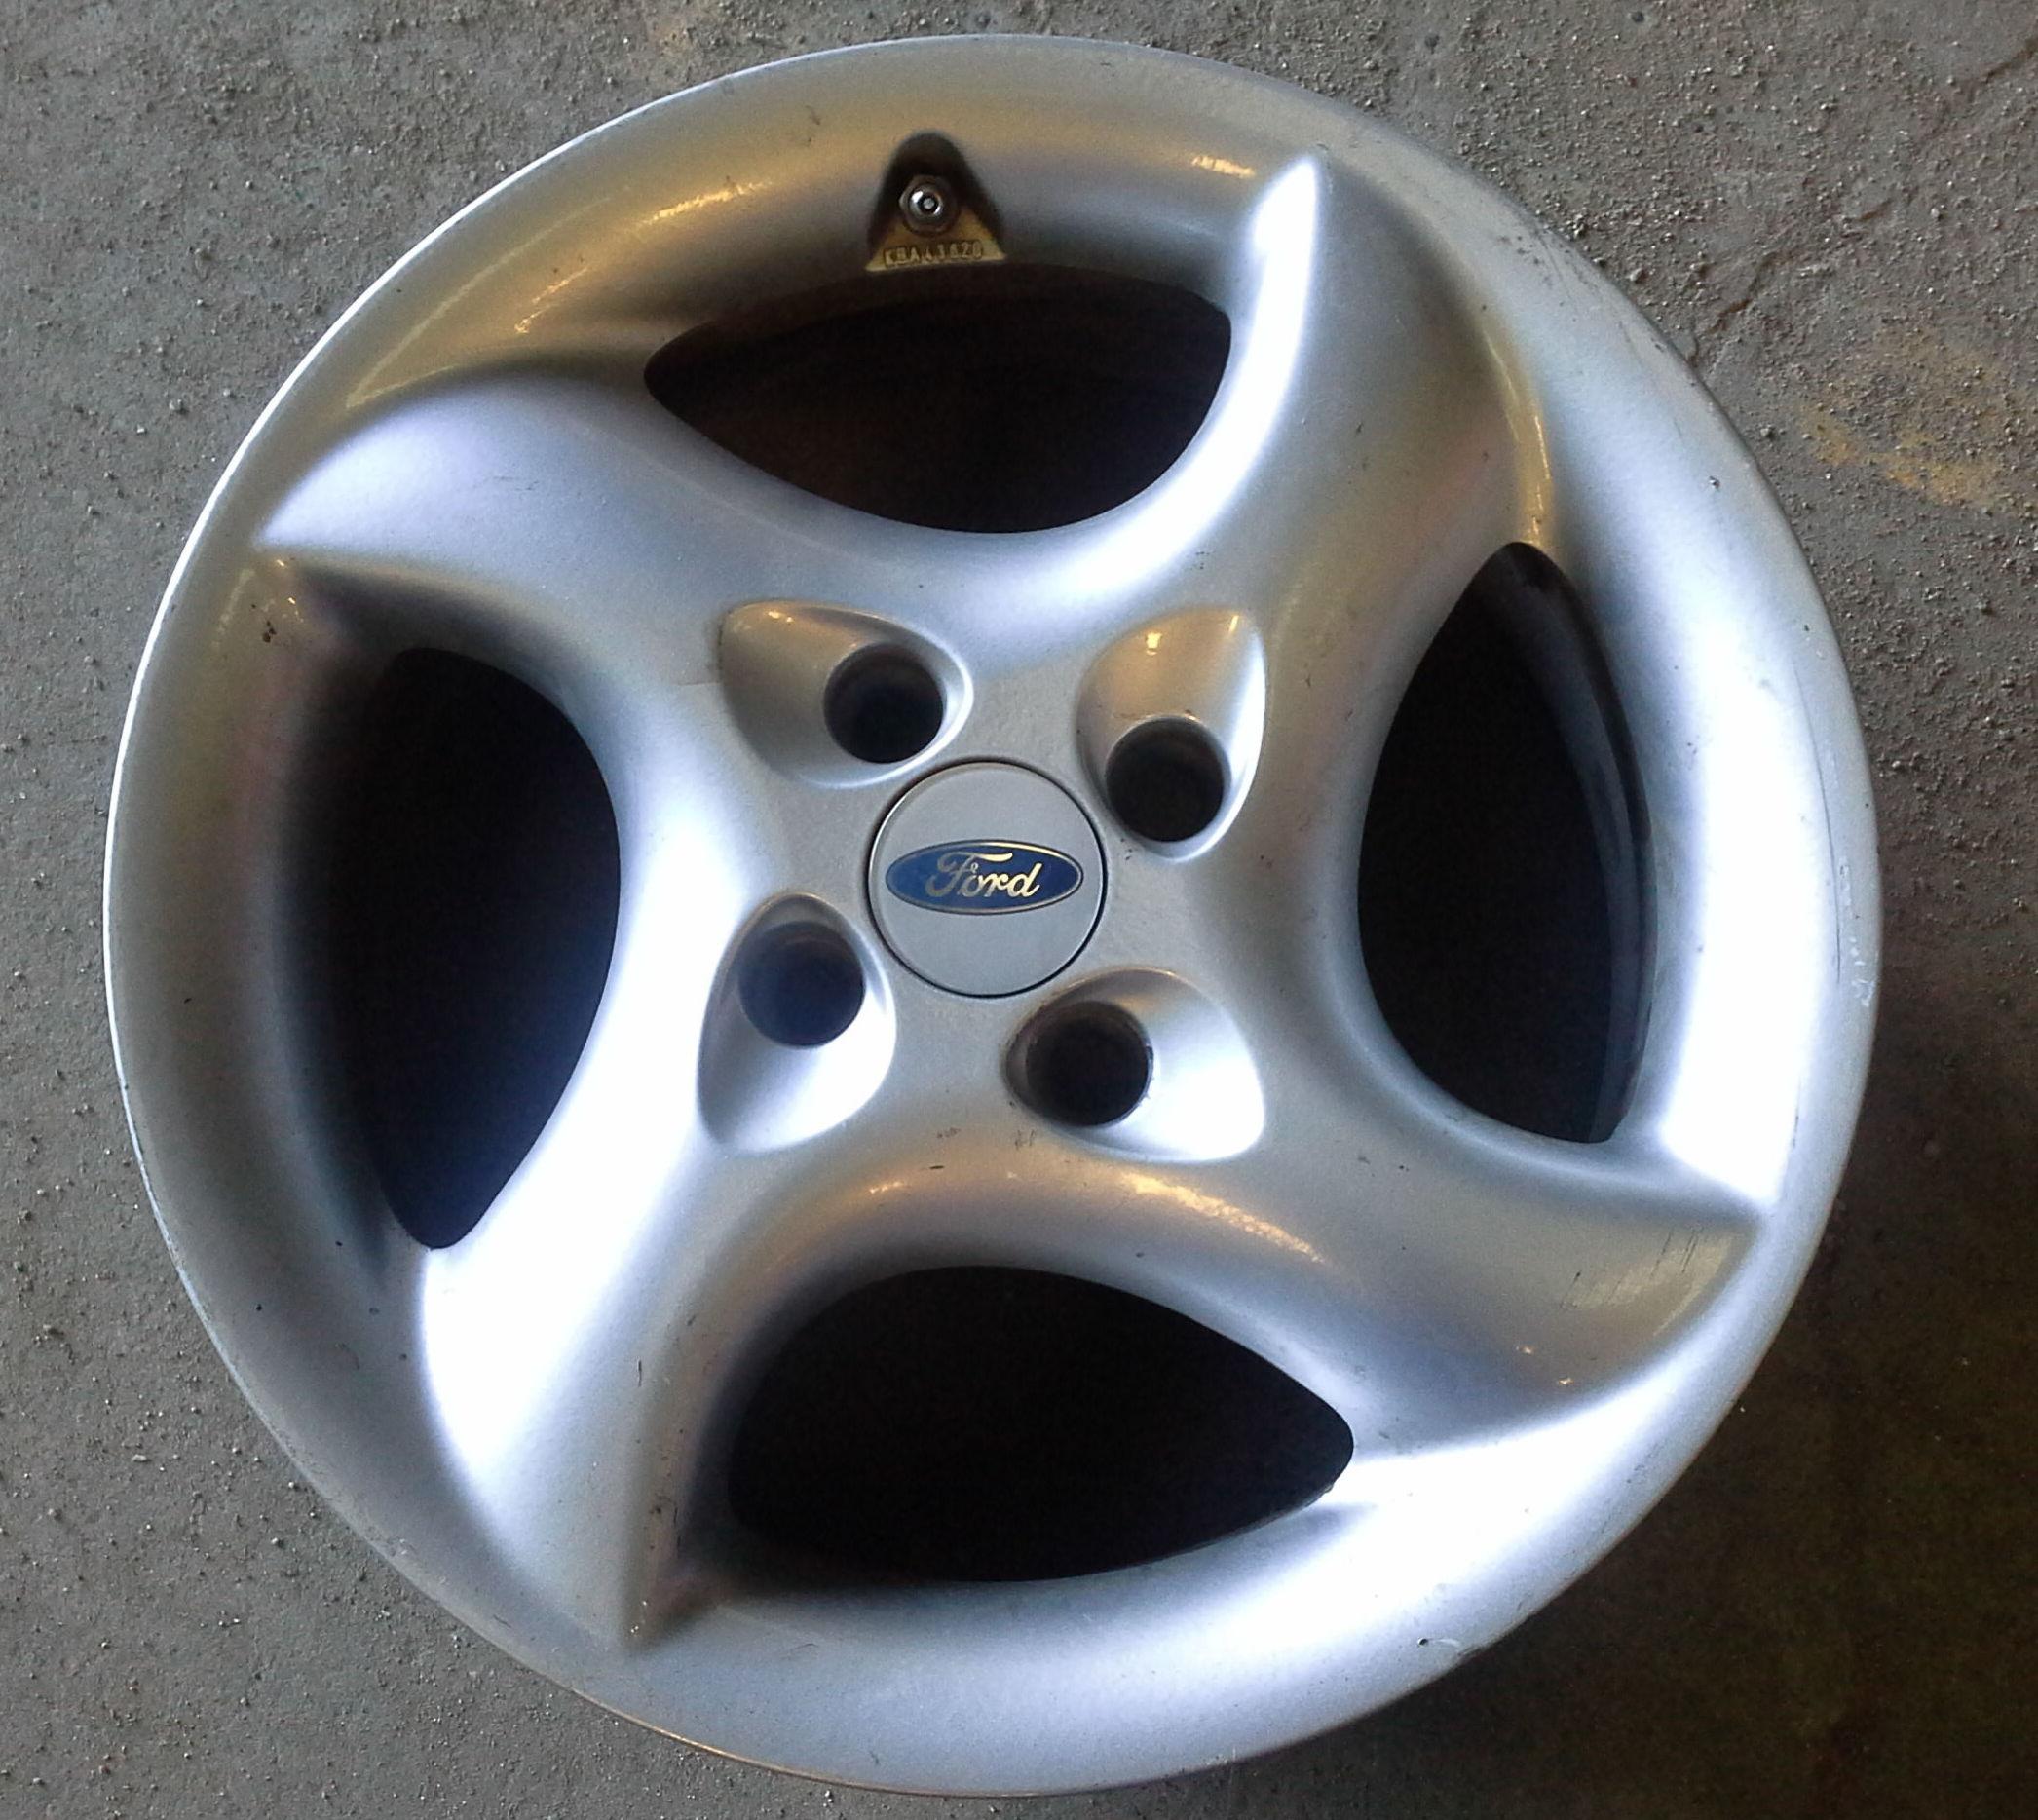 Llantas de aluminio de Ford R-16 en Desguaces Clemente de Albacete